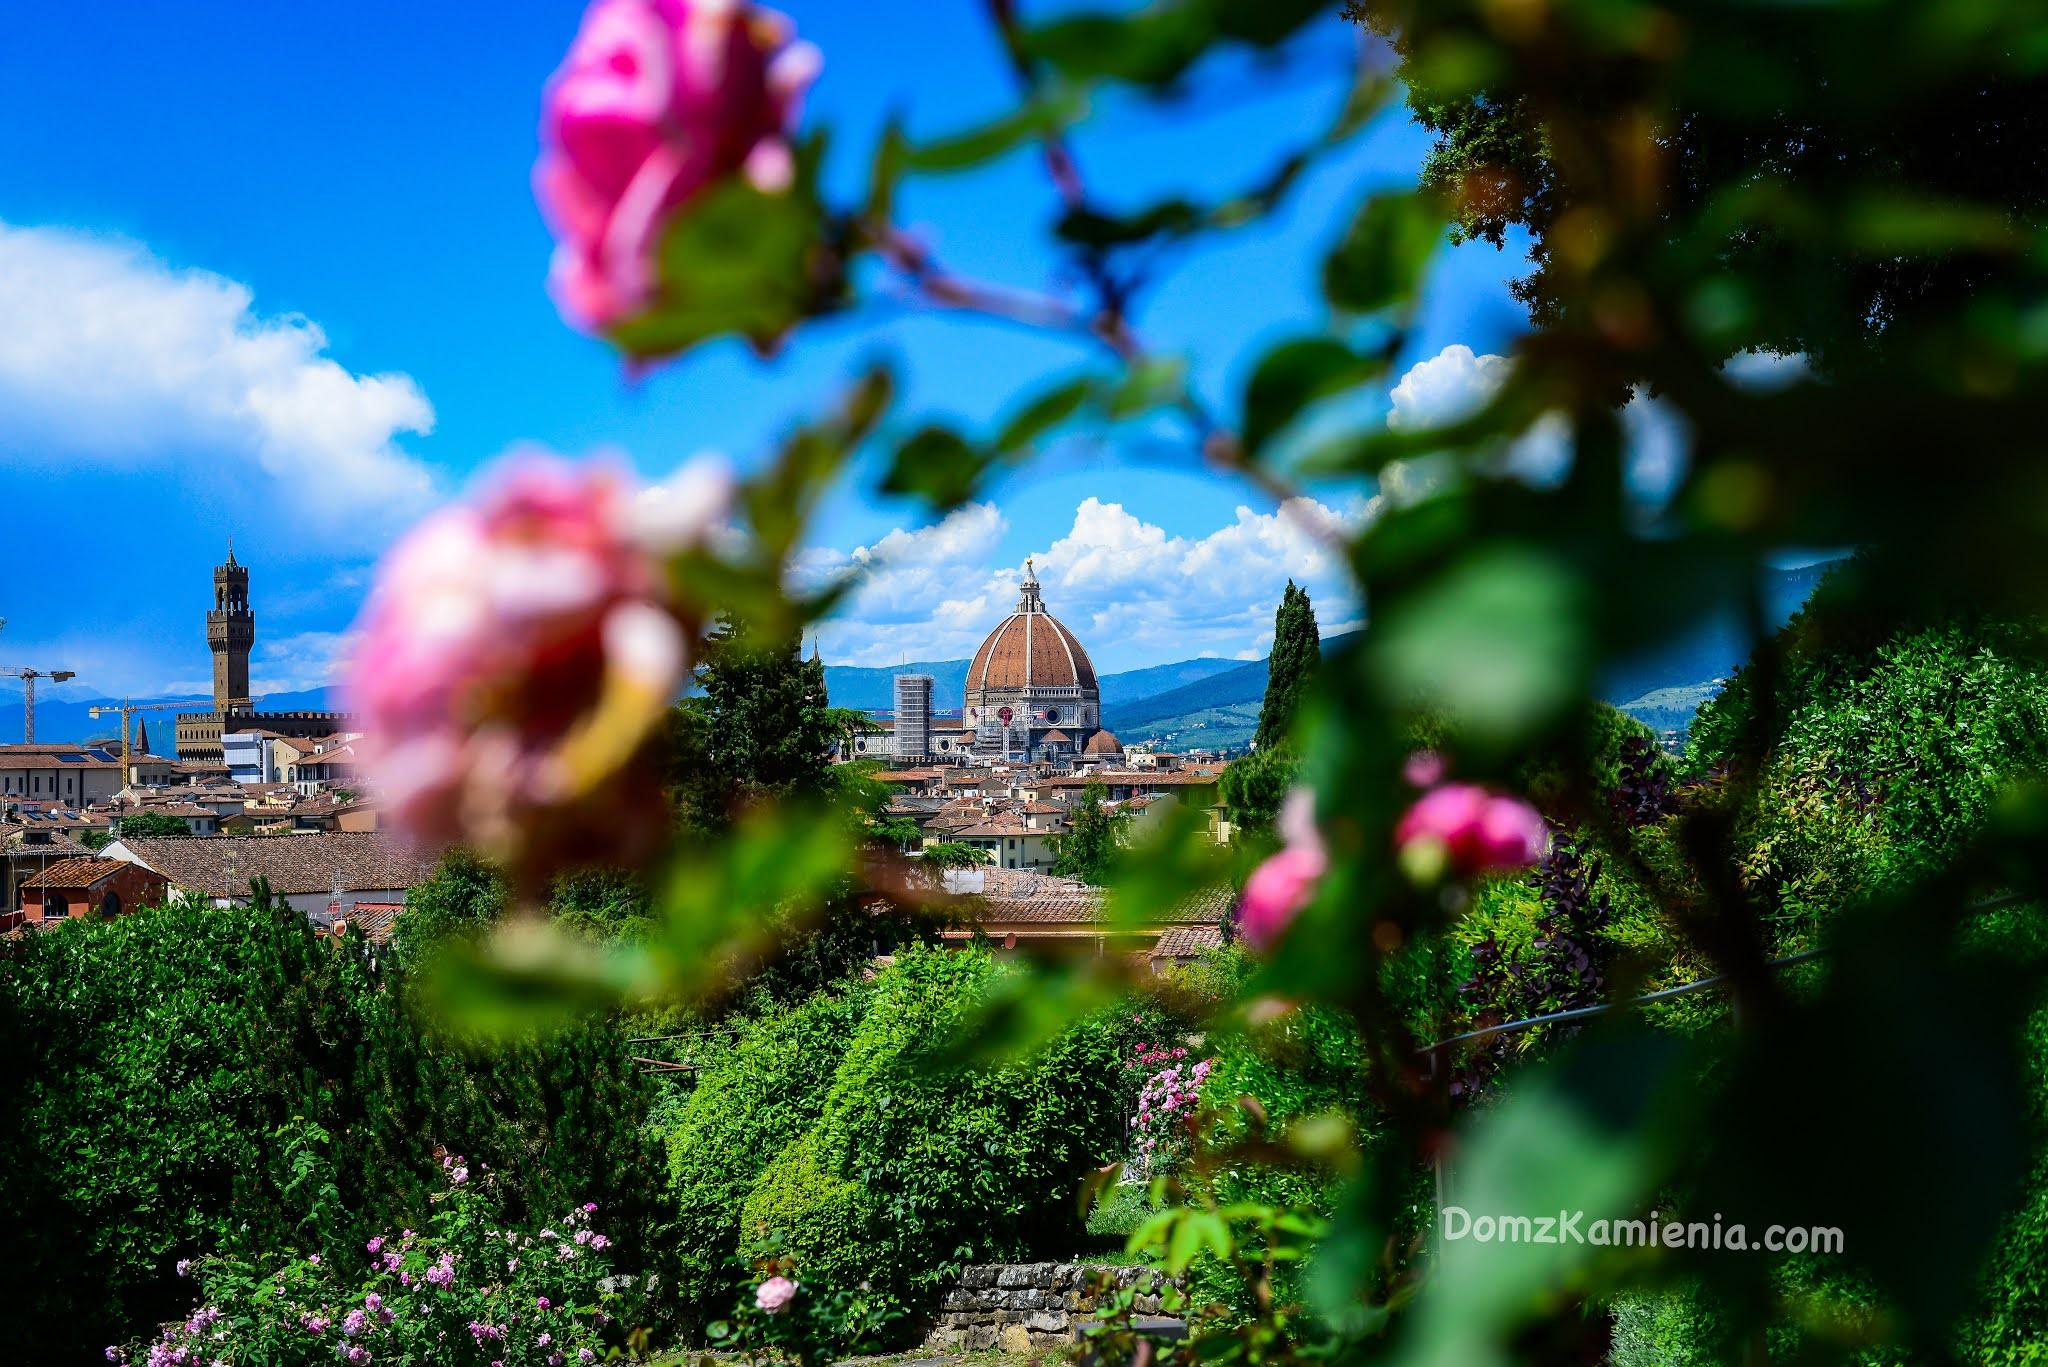 Florencja Ogród Róż - Blog Dom z Kamienia